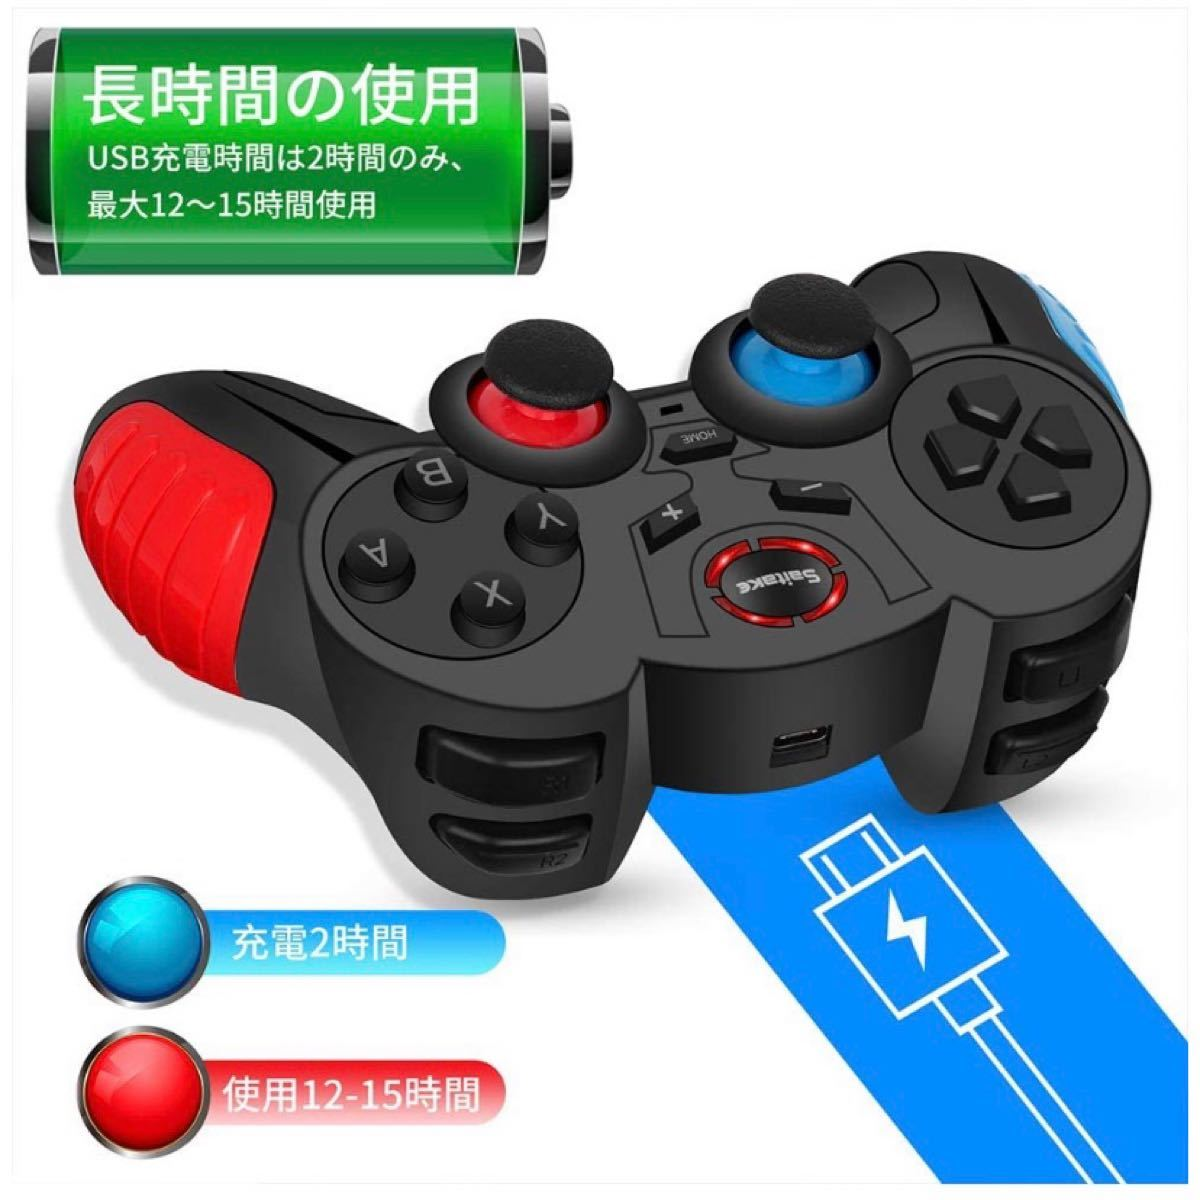 Switchコントローラー Bluetooth ジャイロセンサー 無線 HD振動